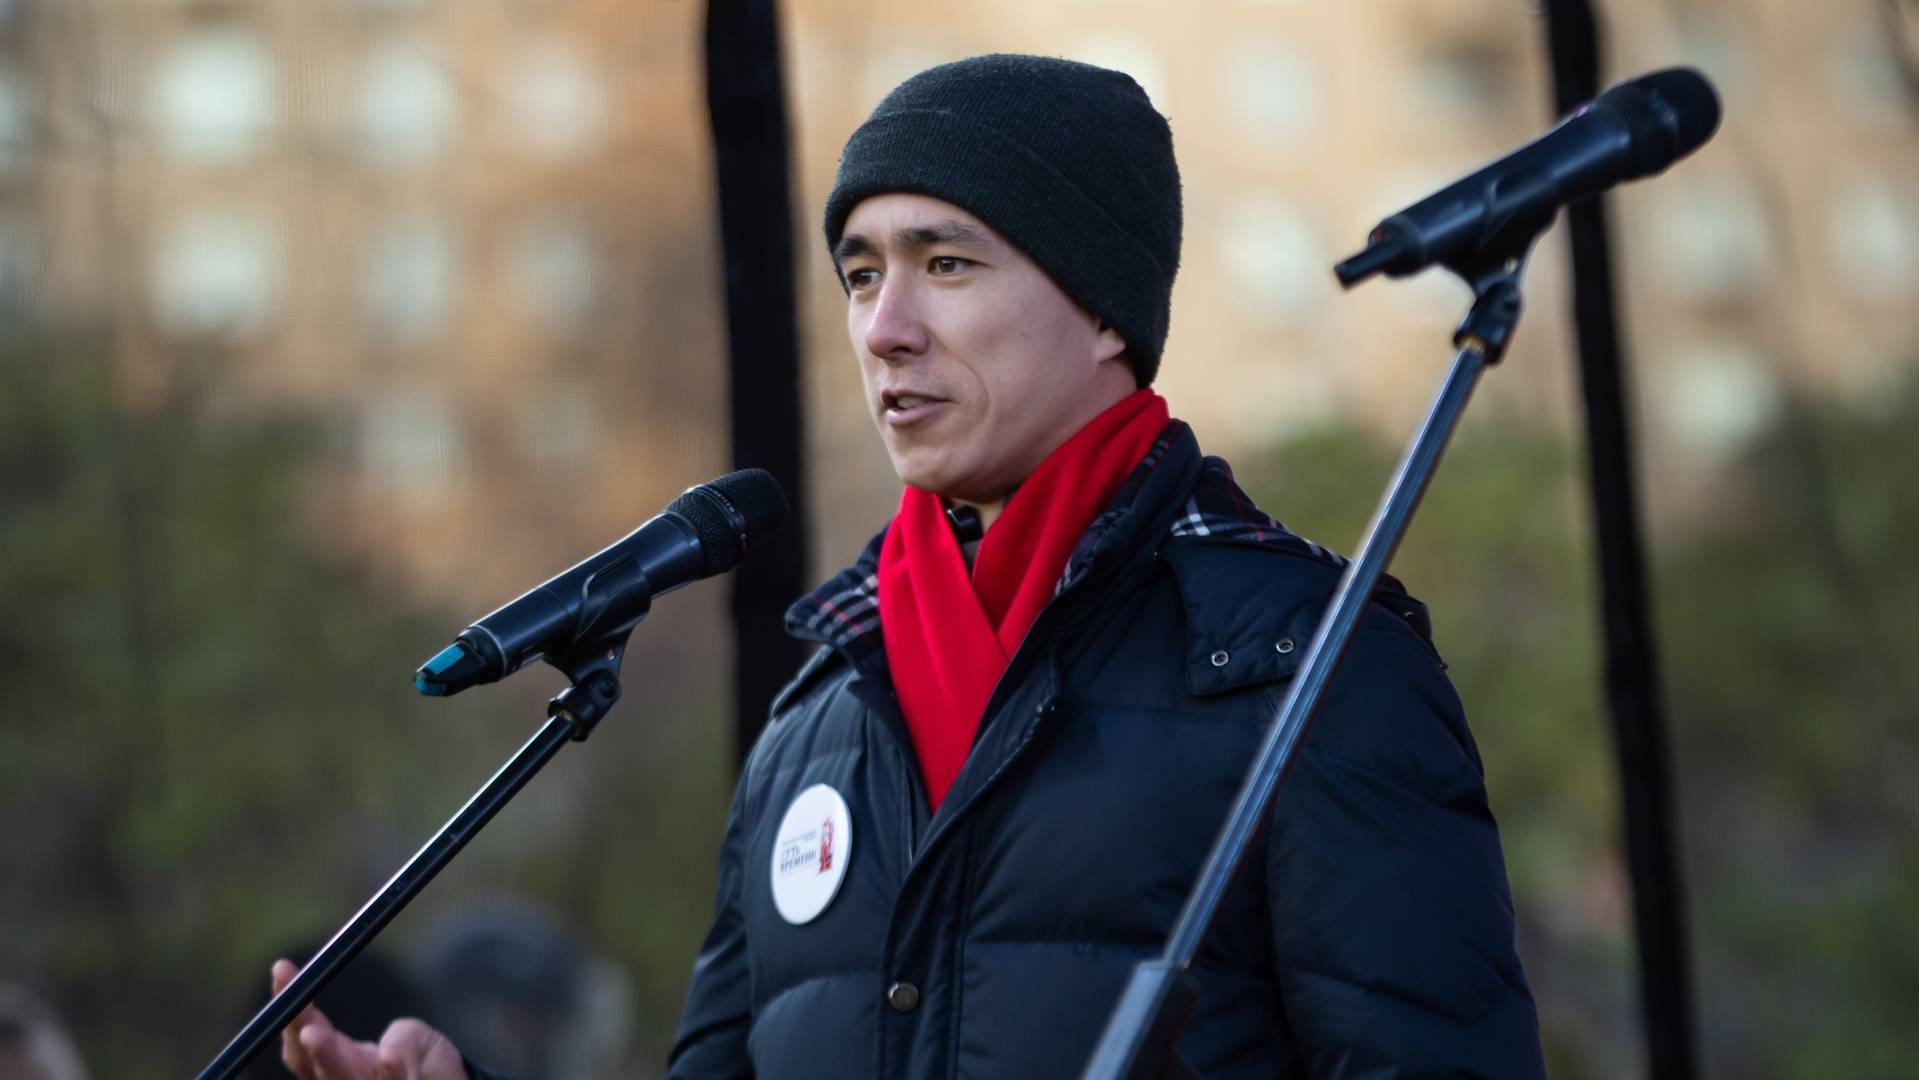 Николай Пак на митинге «Сути времени» в Москве, 5 ноября 2018 г.